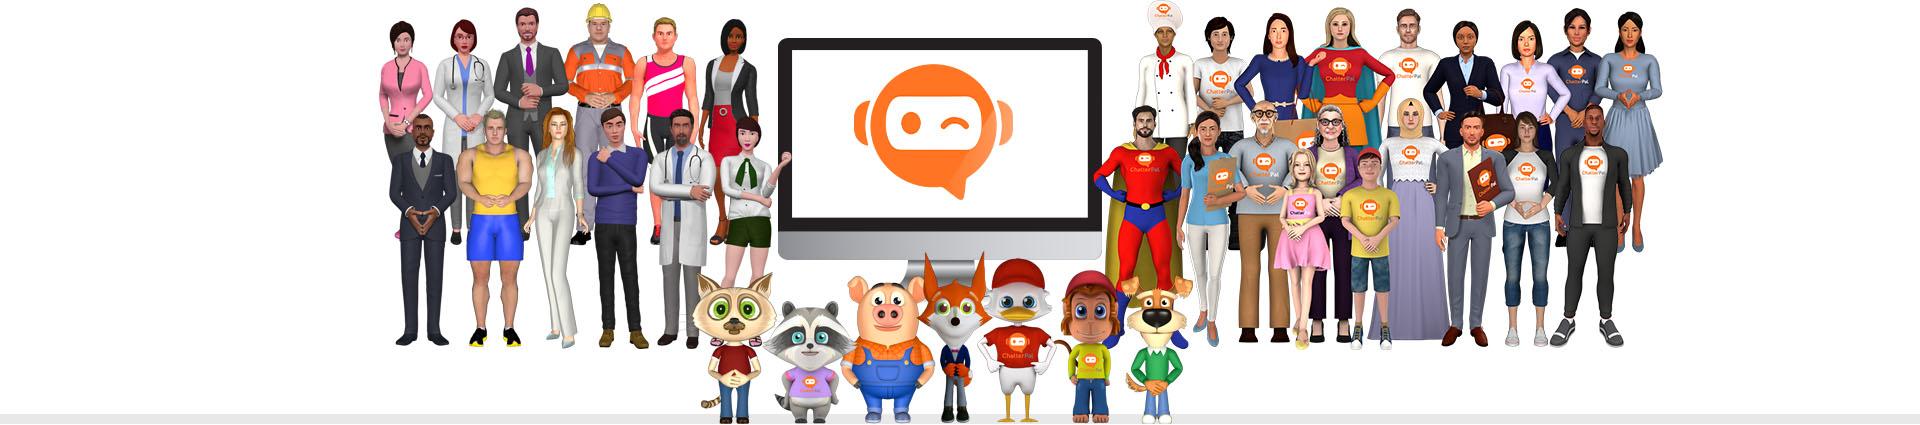 3D-animated avatar